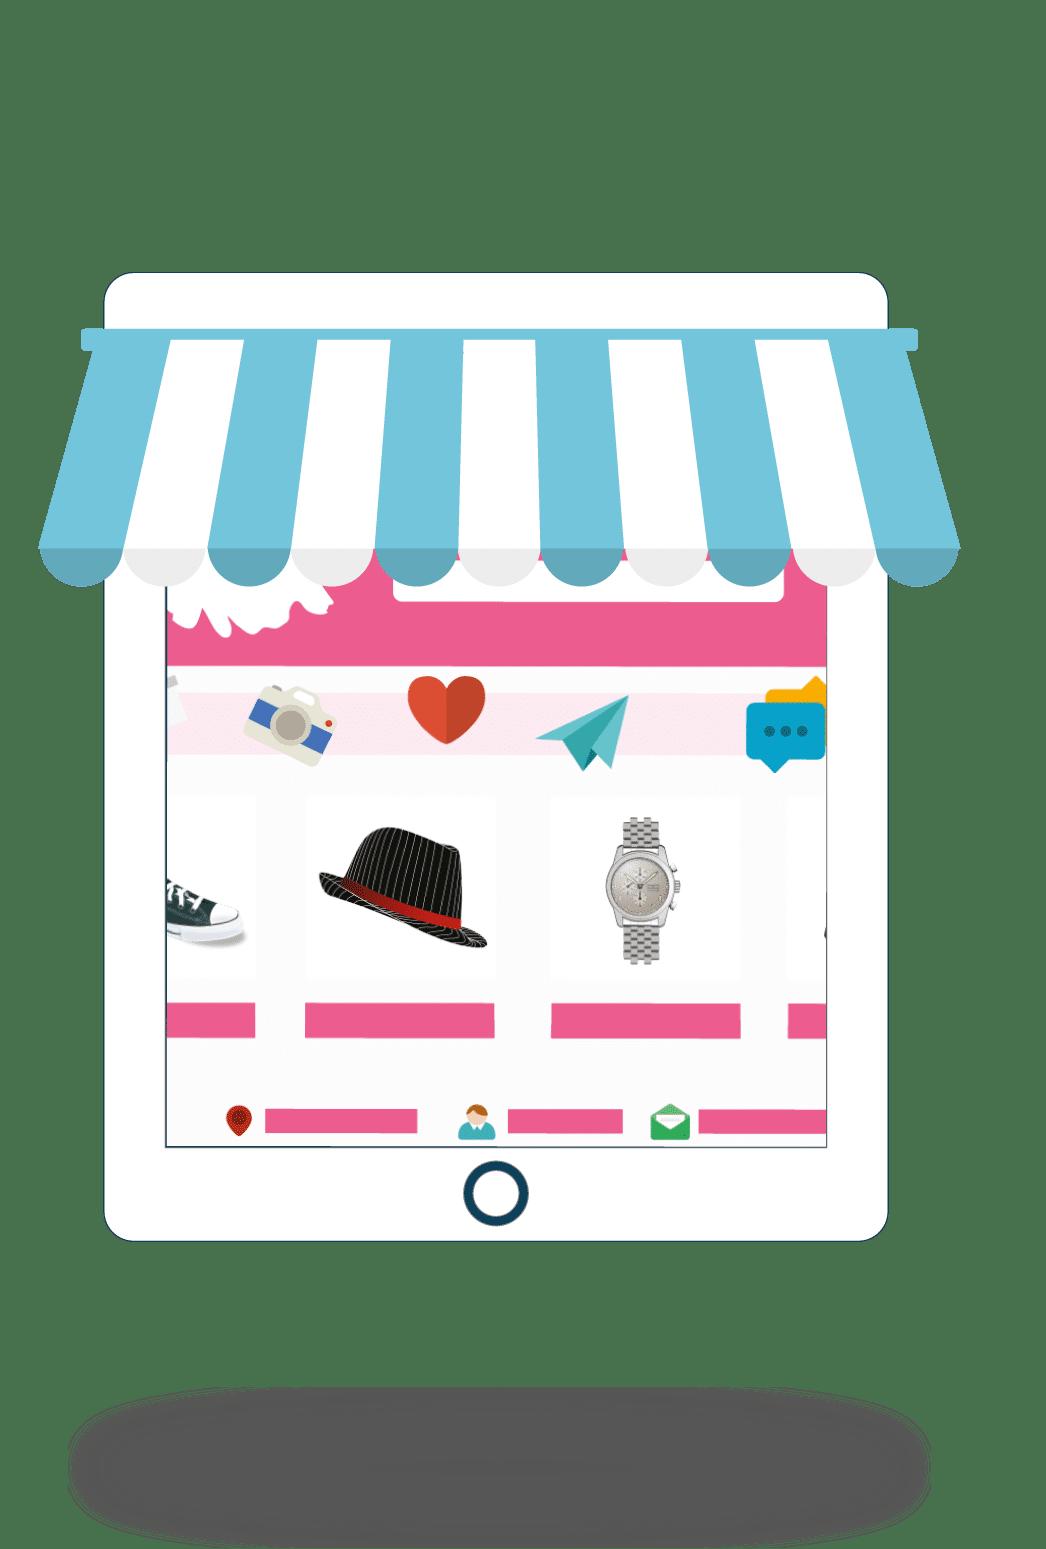 webshop_online_BG_04